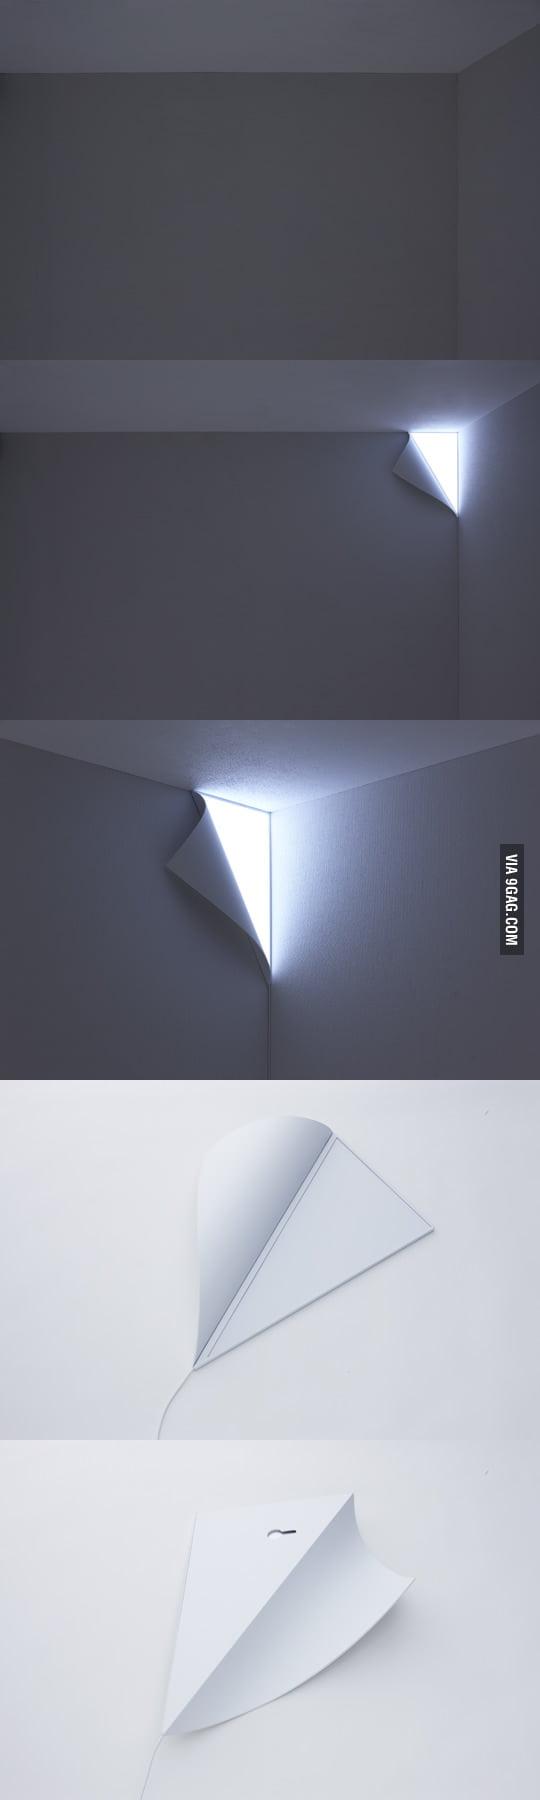 Peel Wall Lamp